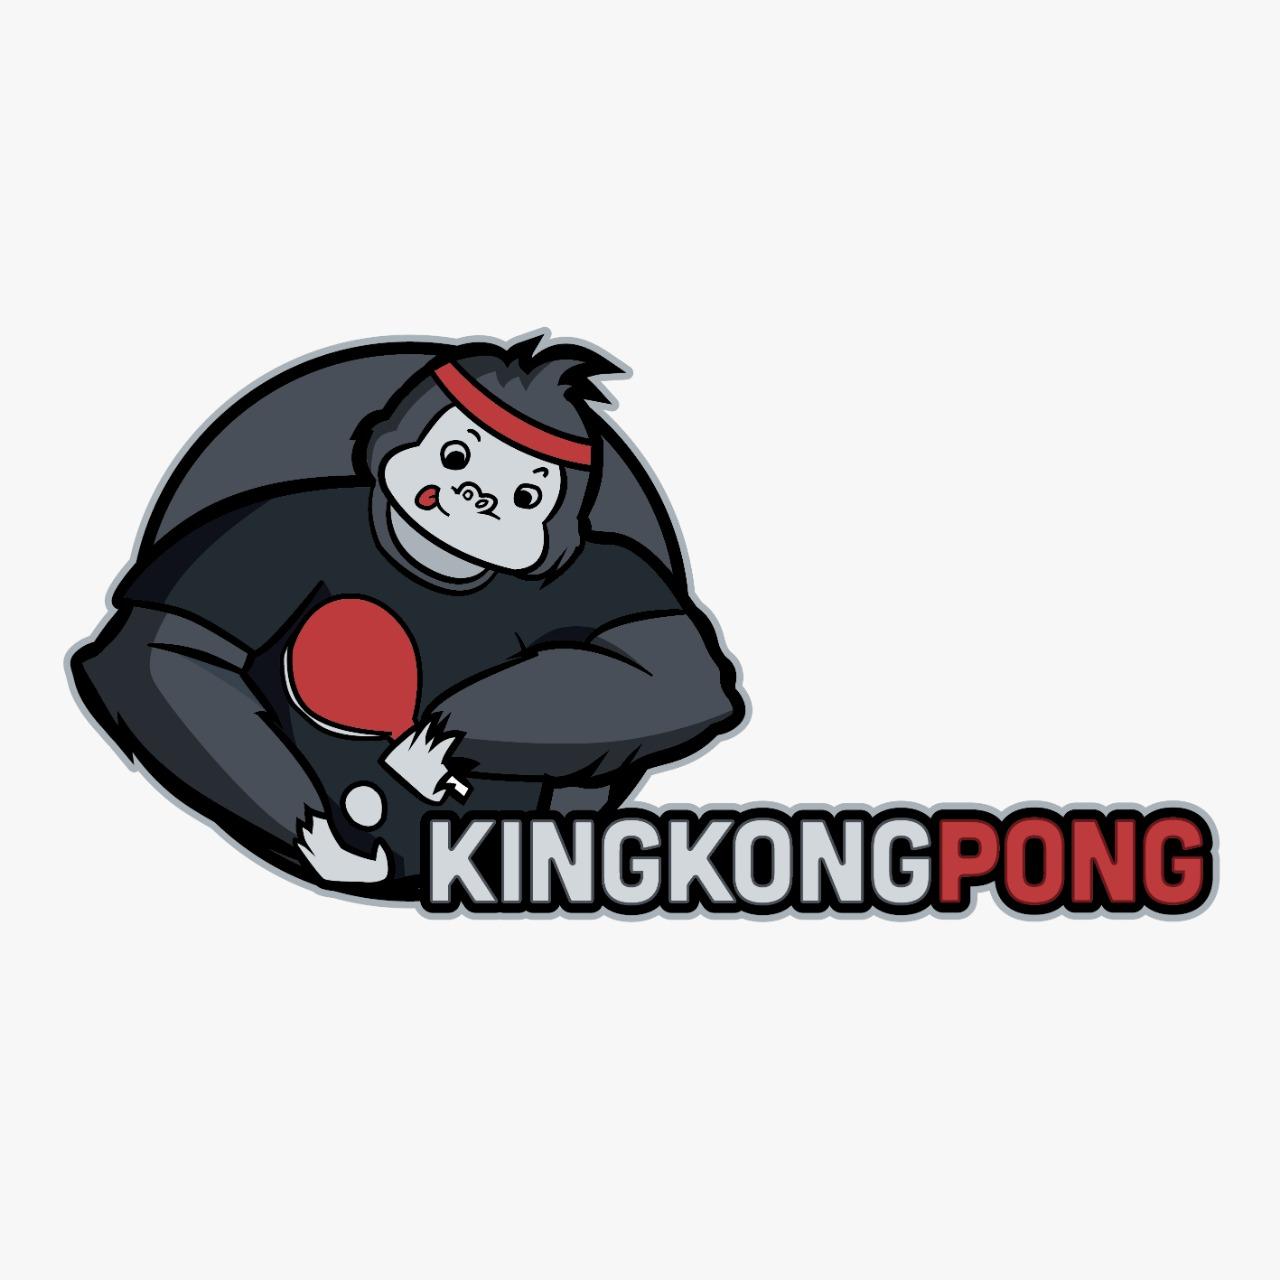 KingKongPong